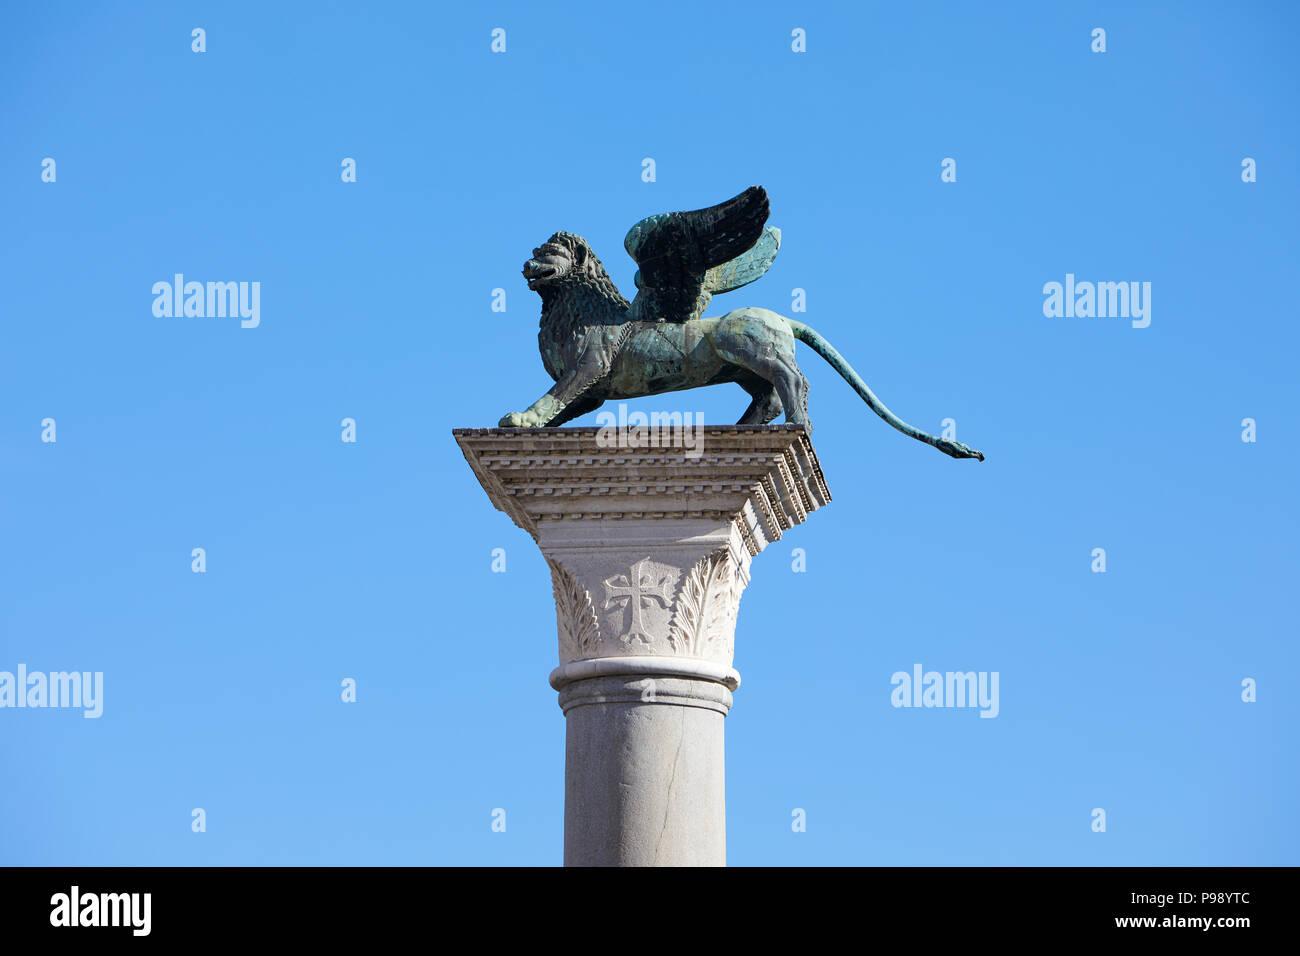 Geflügelte Löwe Statue, Symbol von Venedig an einem sonnigen Tag, blauer Himmel in Italien Stockbild